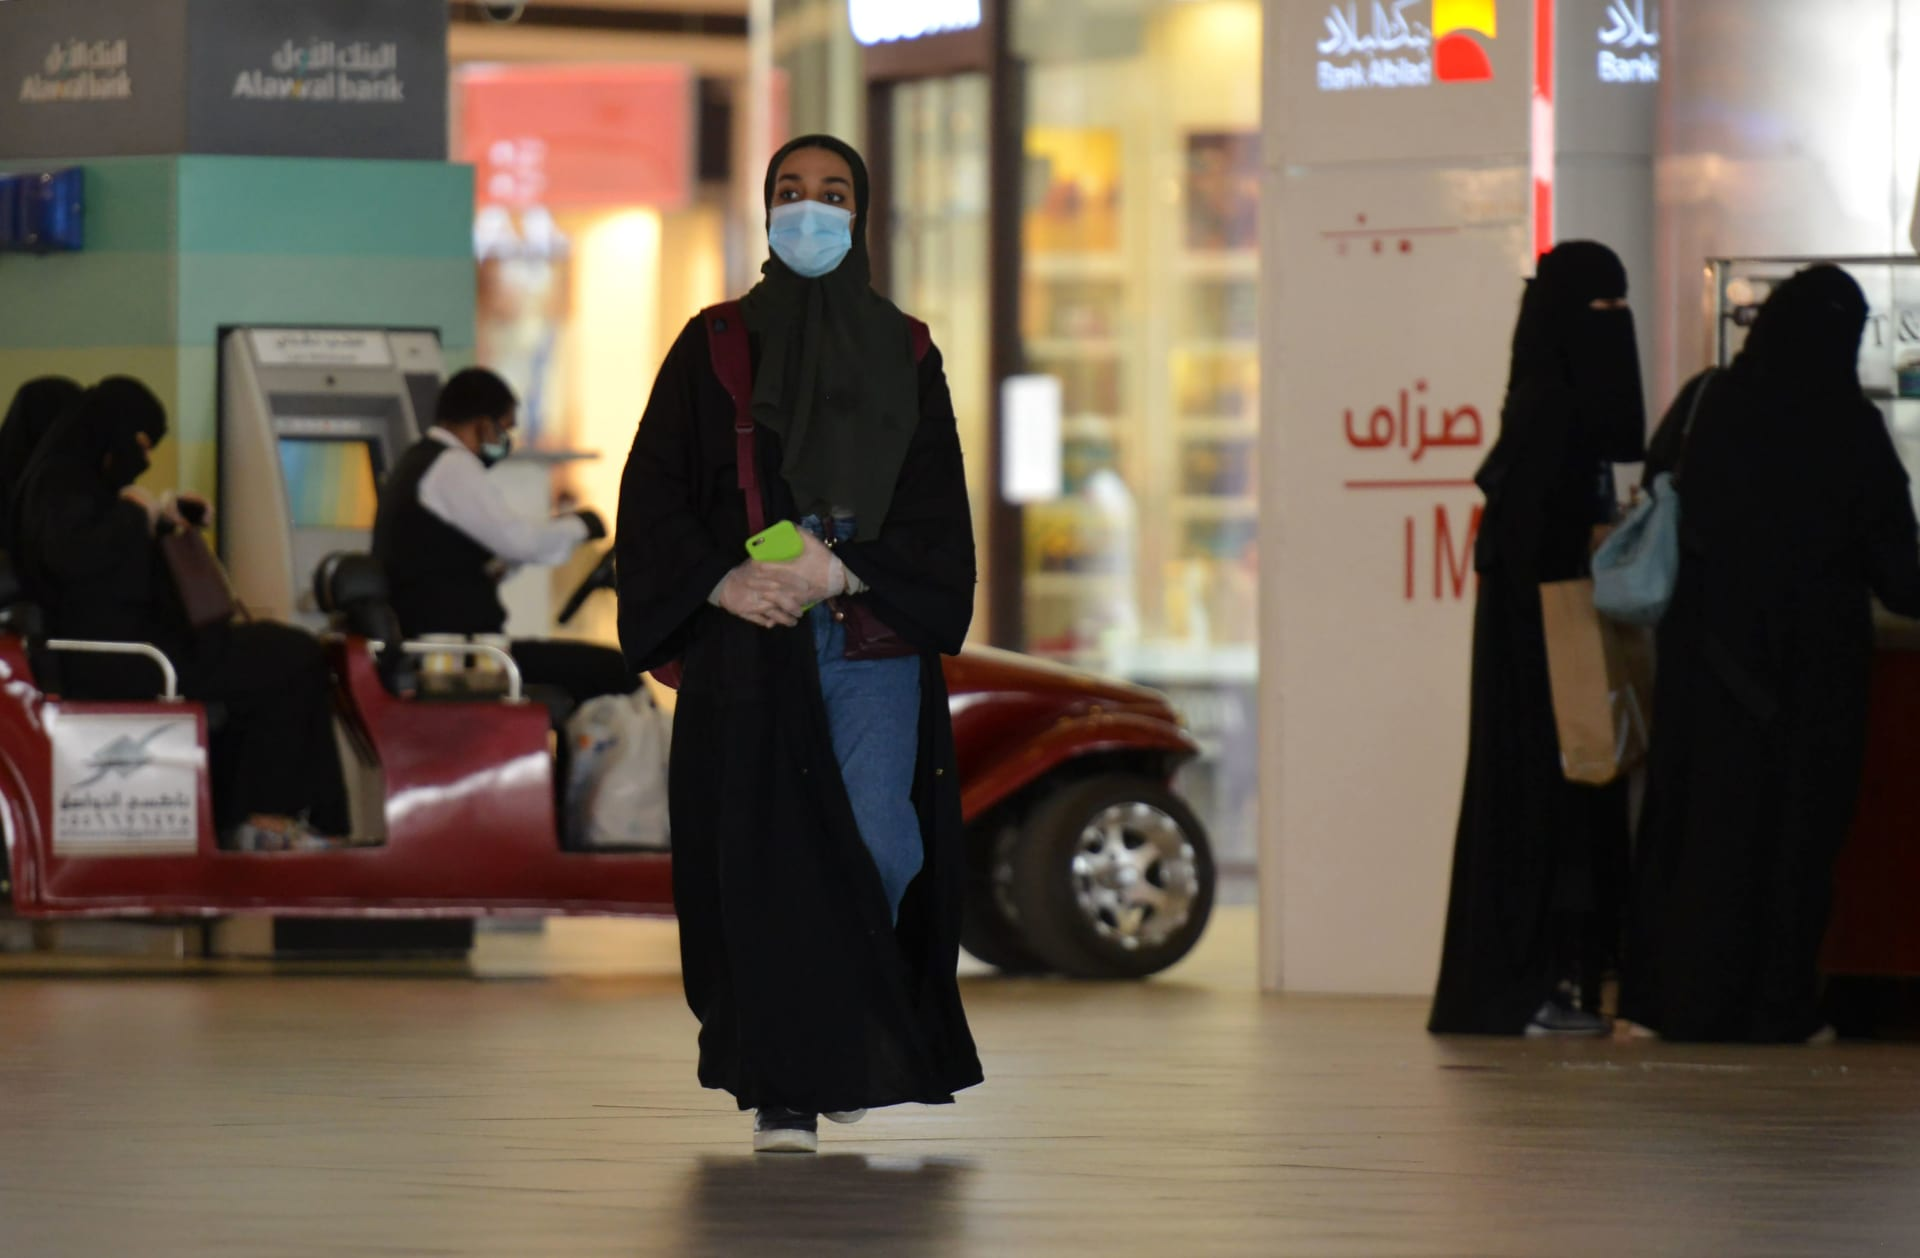 ساء يتسوقن في مركز تجاري بالعاصمة السعودية الرياض، يرتدين أقنعة الوجه في 4 يونيو 2020